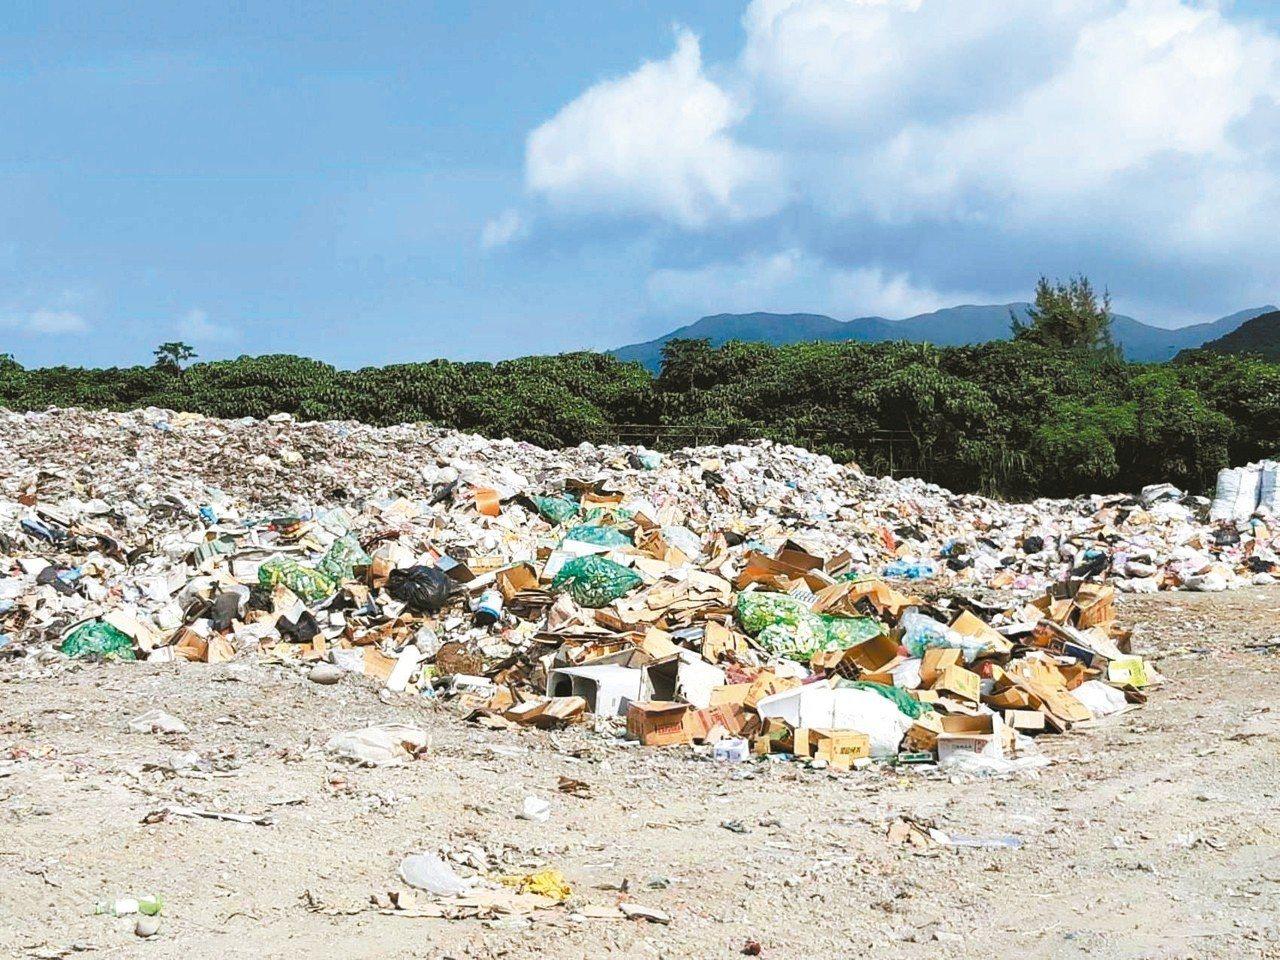 蘭嶼垃圾外運招標作業直到今年5月底才完成,導致島上垃圾堆積如山。 圖/台東縣環保...